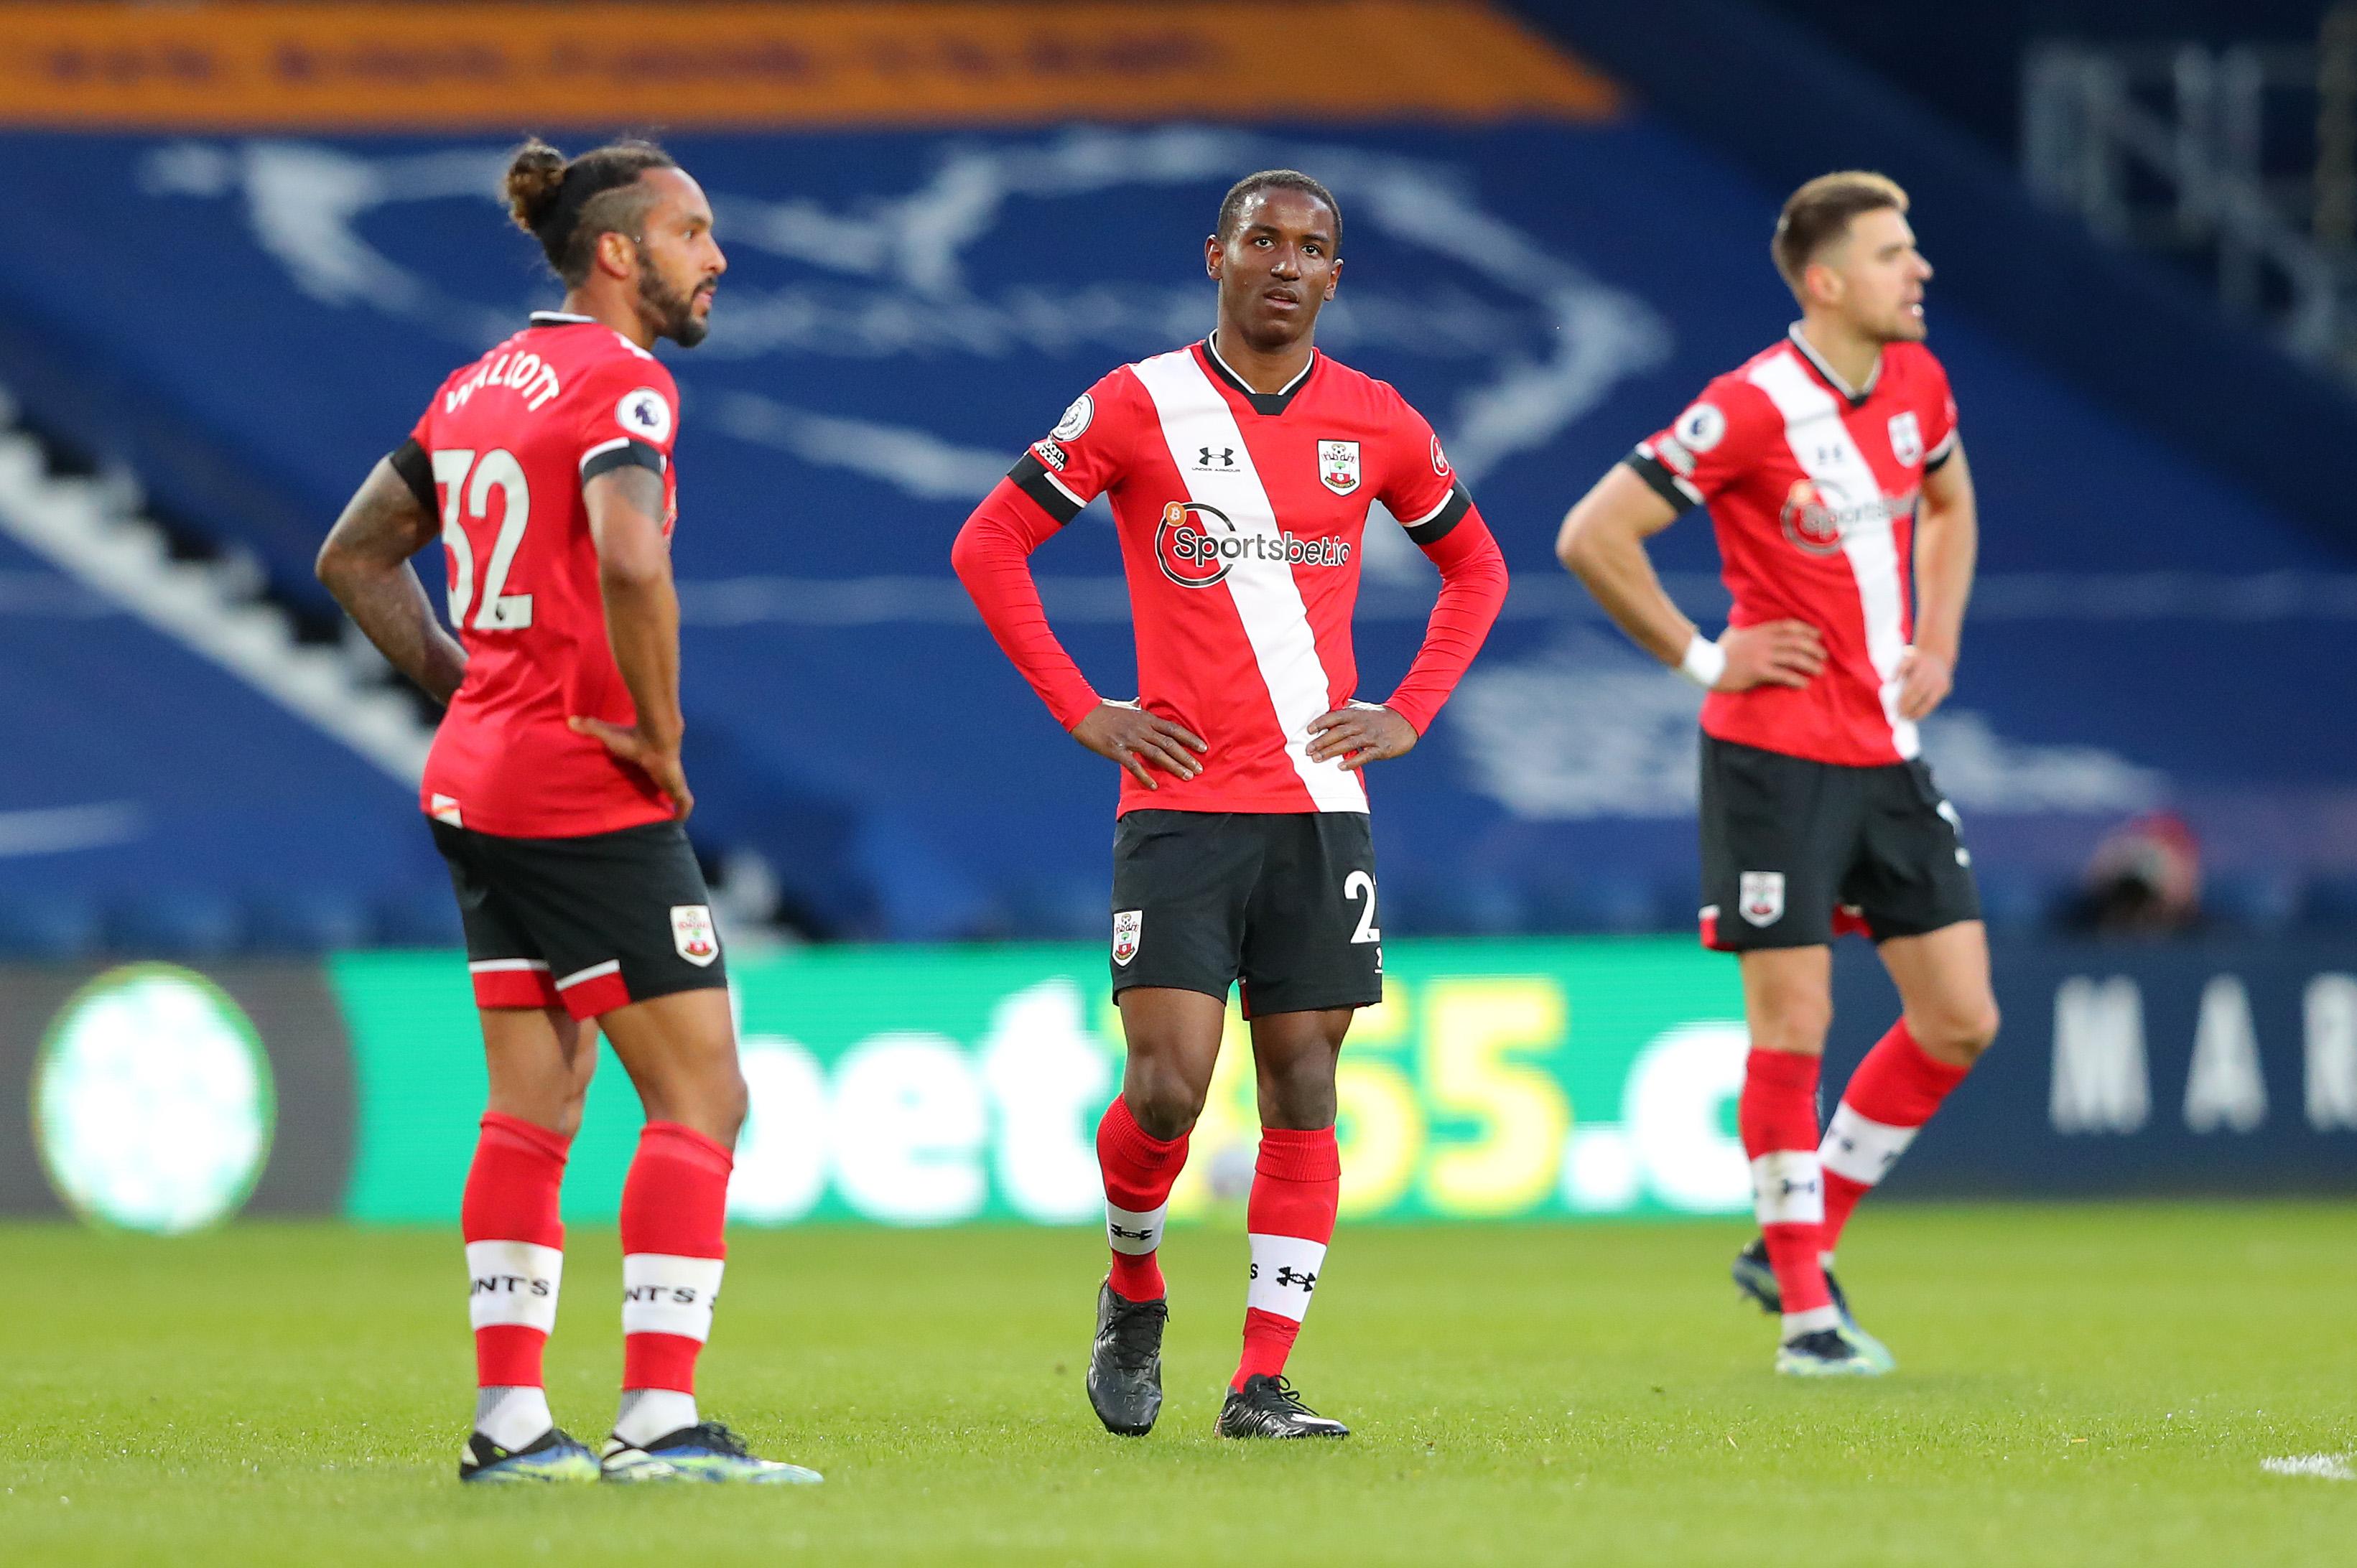 West Bromwich Albion v Southampton - Premier League, relegation battle, match report